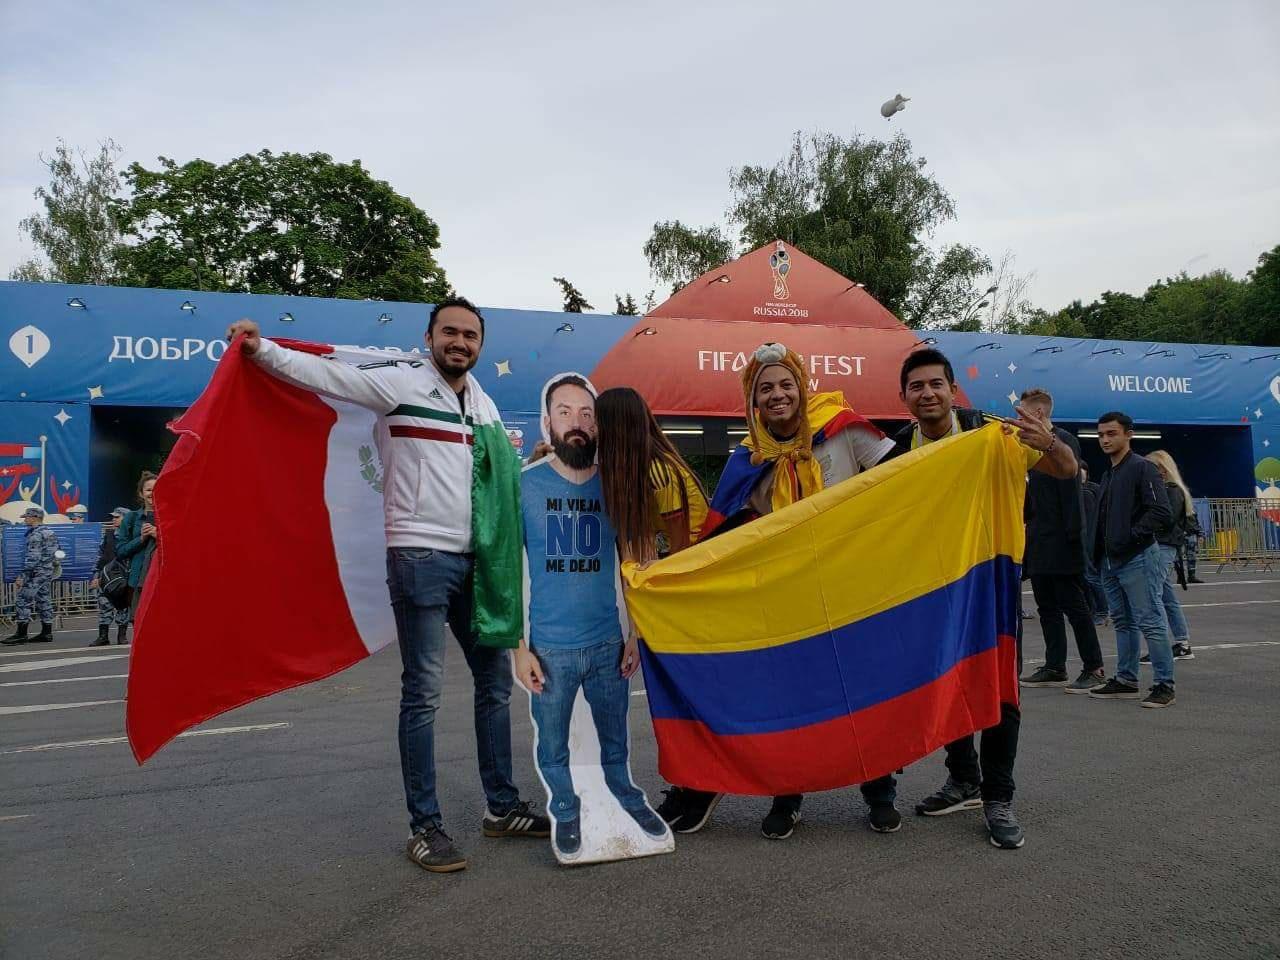 Mexicaan mag van vrouw niet naar WK vriendengroep verzint iets briljants 09